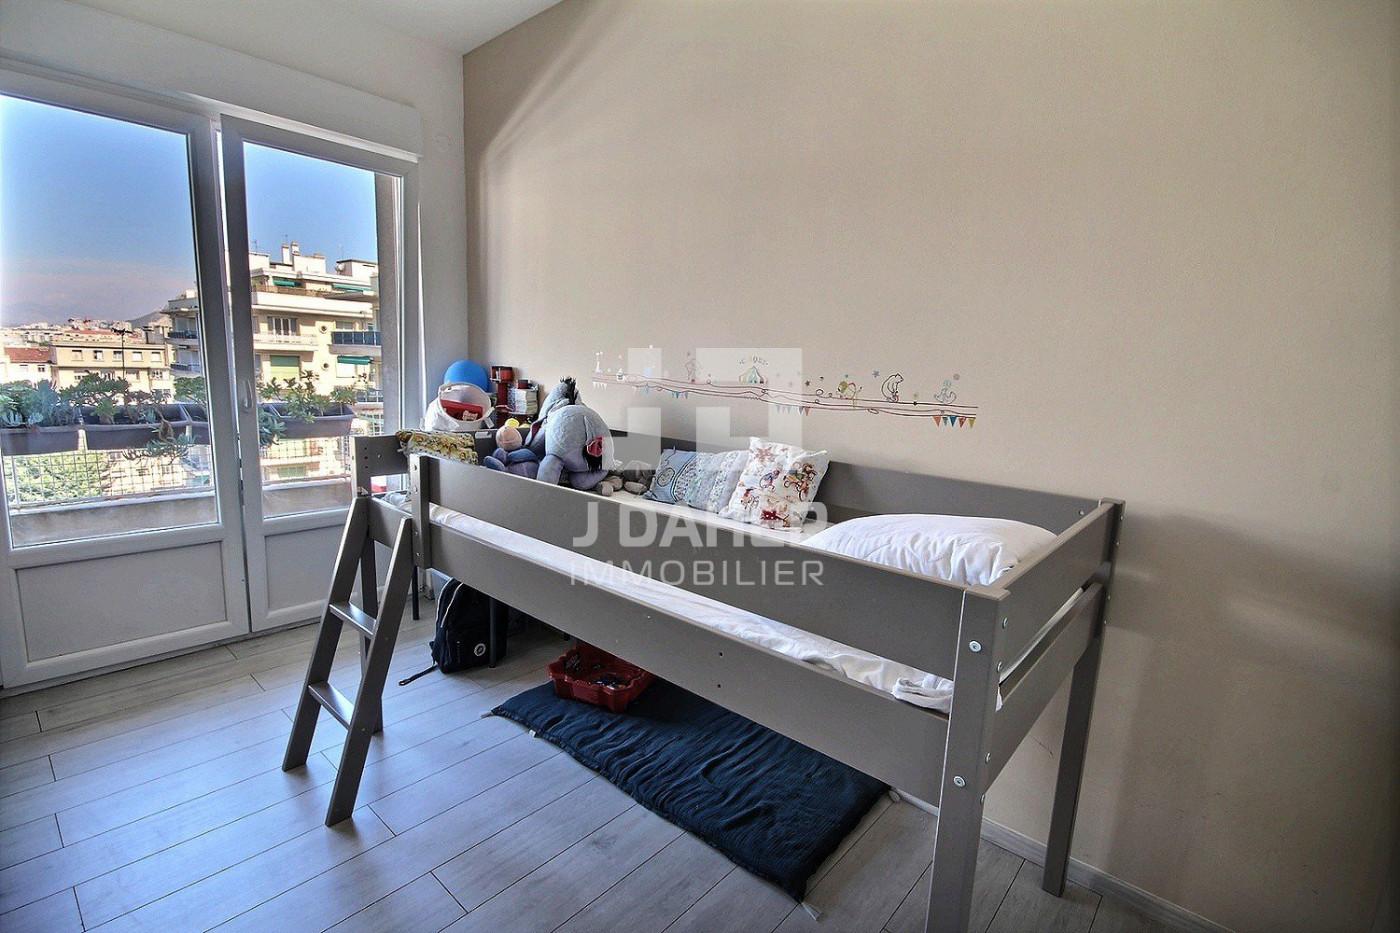 A vendre Marseille 8eme Arrondissement 13025610 J daher immobilier